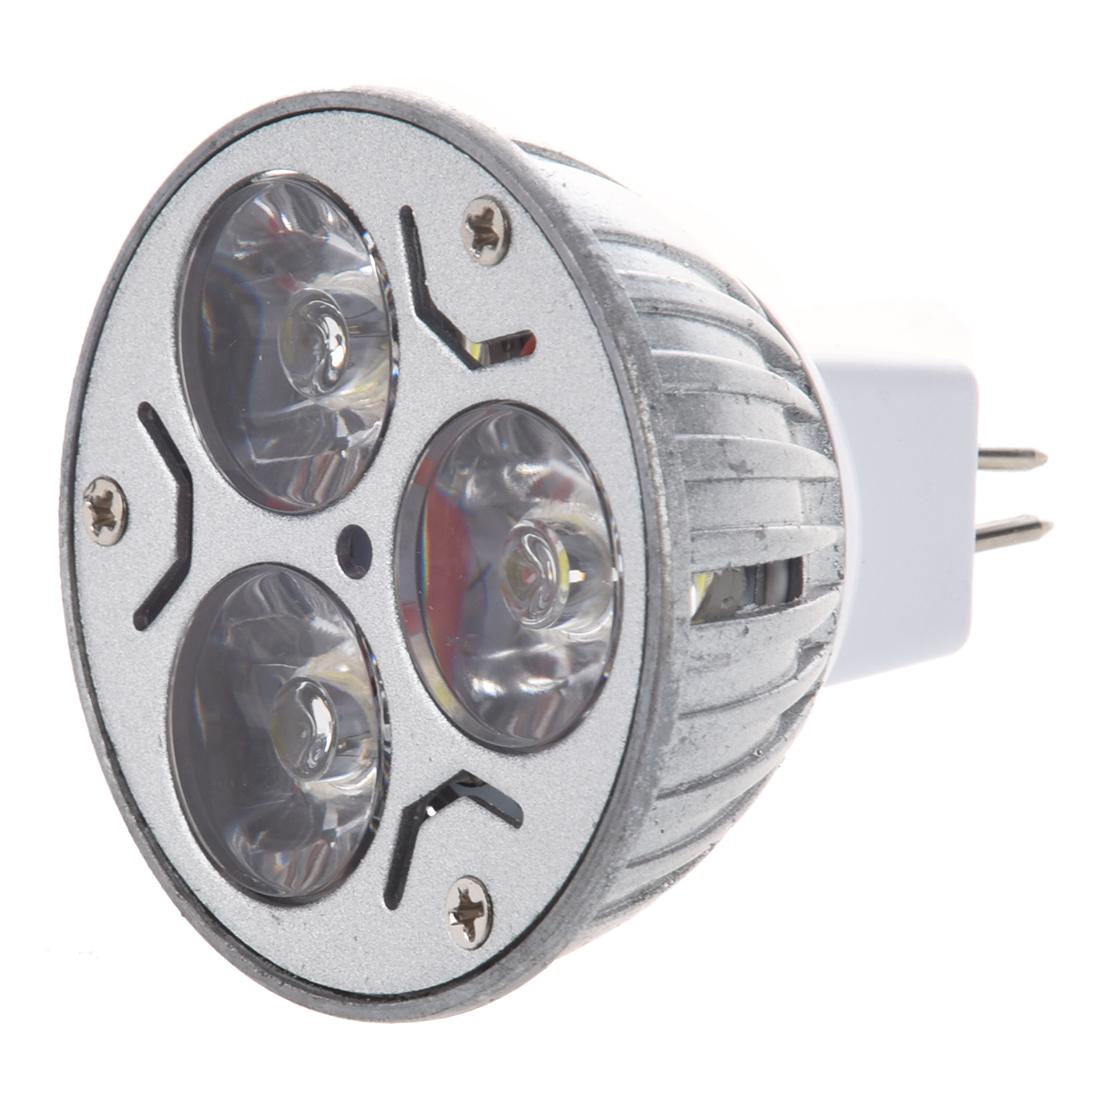 Mr16 3x1 watt led spot light bulb 20w white for track light n3 mr16 3x1 watt led spot light bulb 20w white for track light n3 aloadofball Gallery